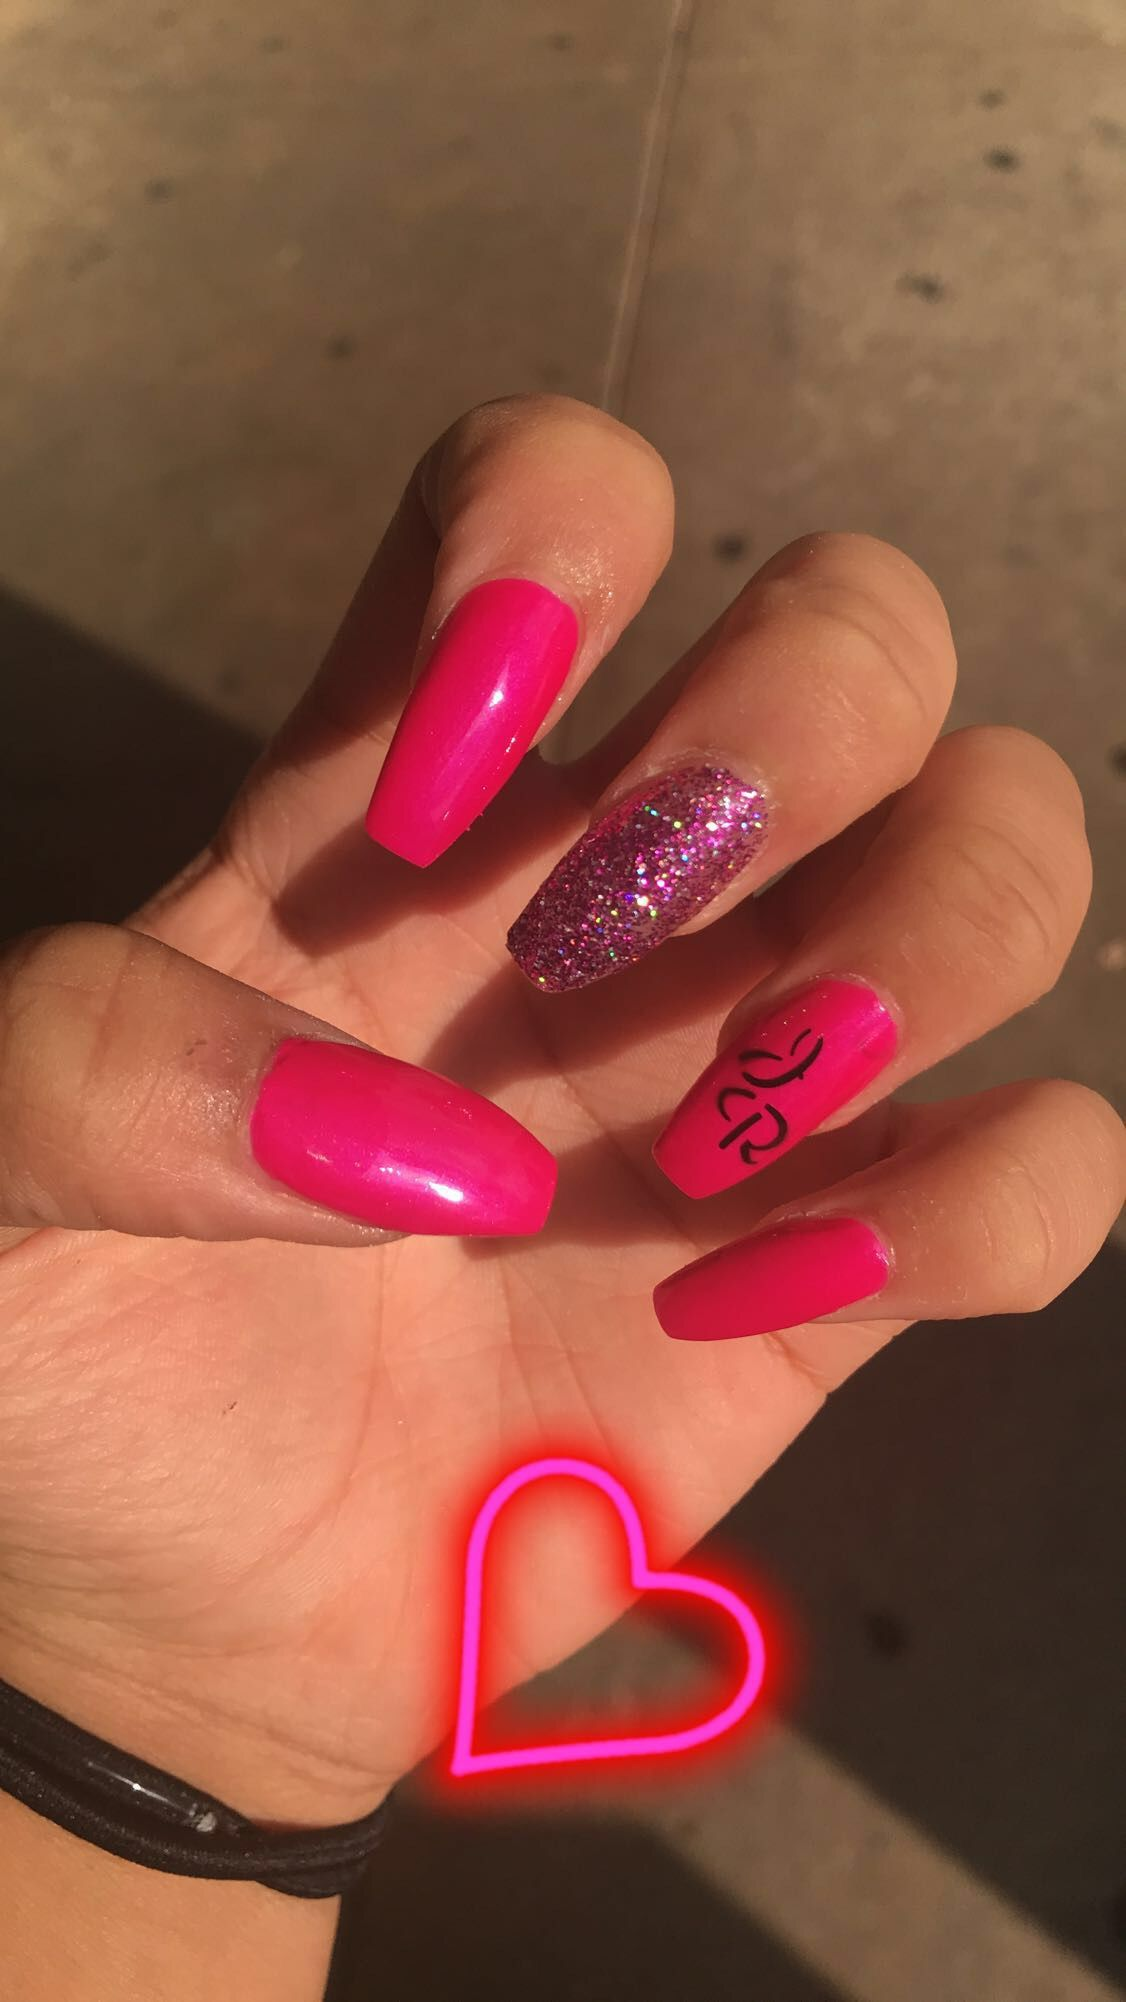 Pin By Chun Ke On Mani Pedi Toe Nails French Tip Nails Nails